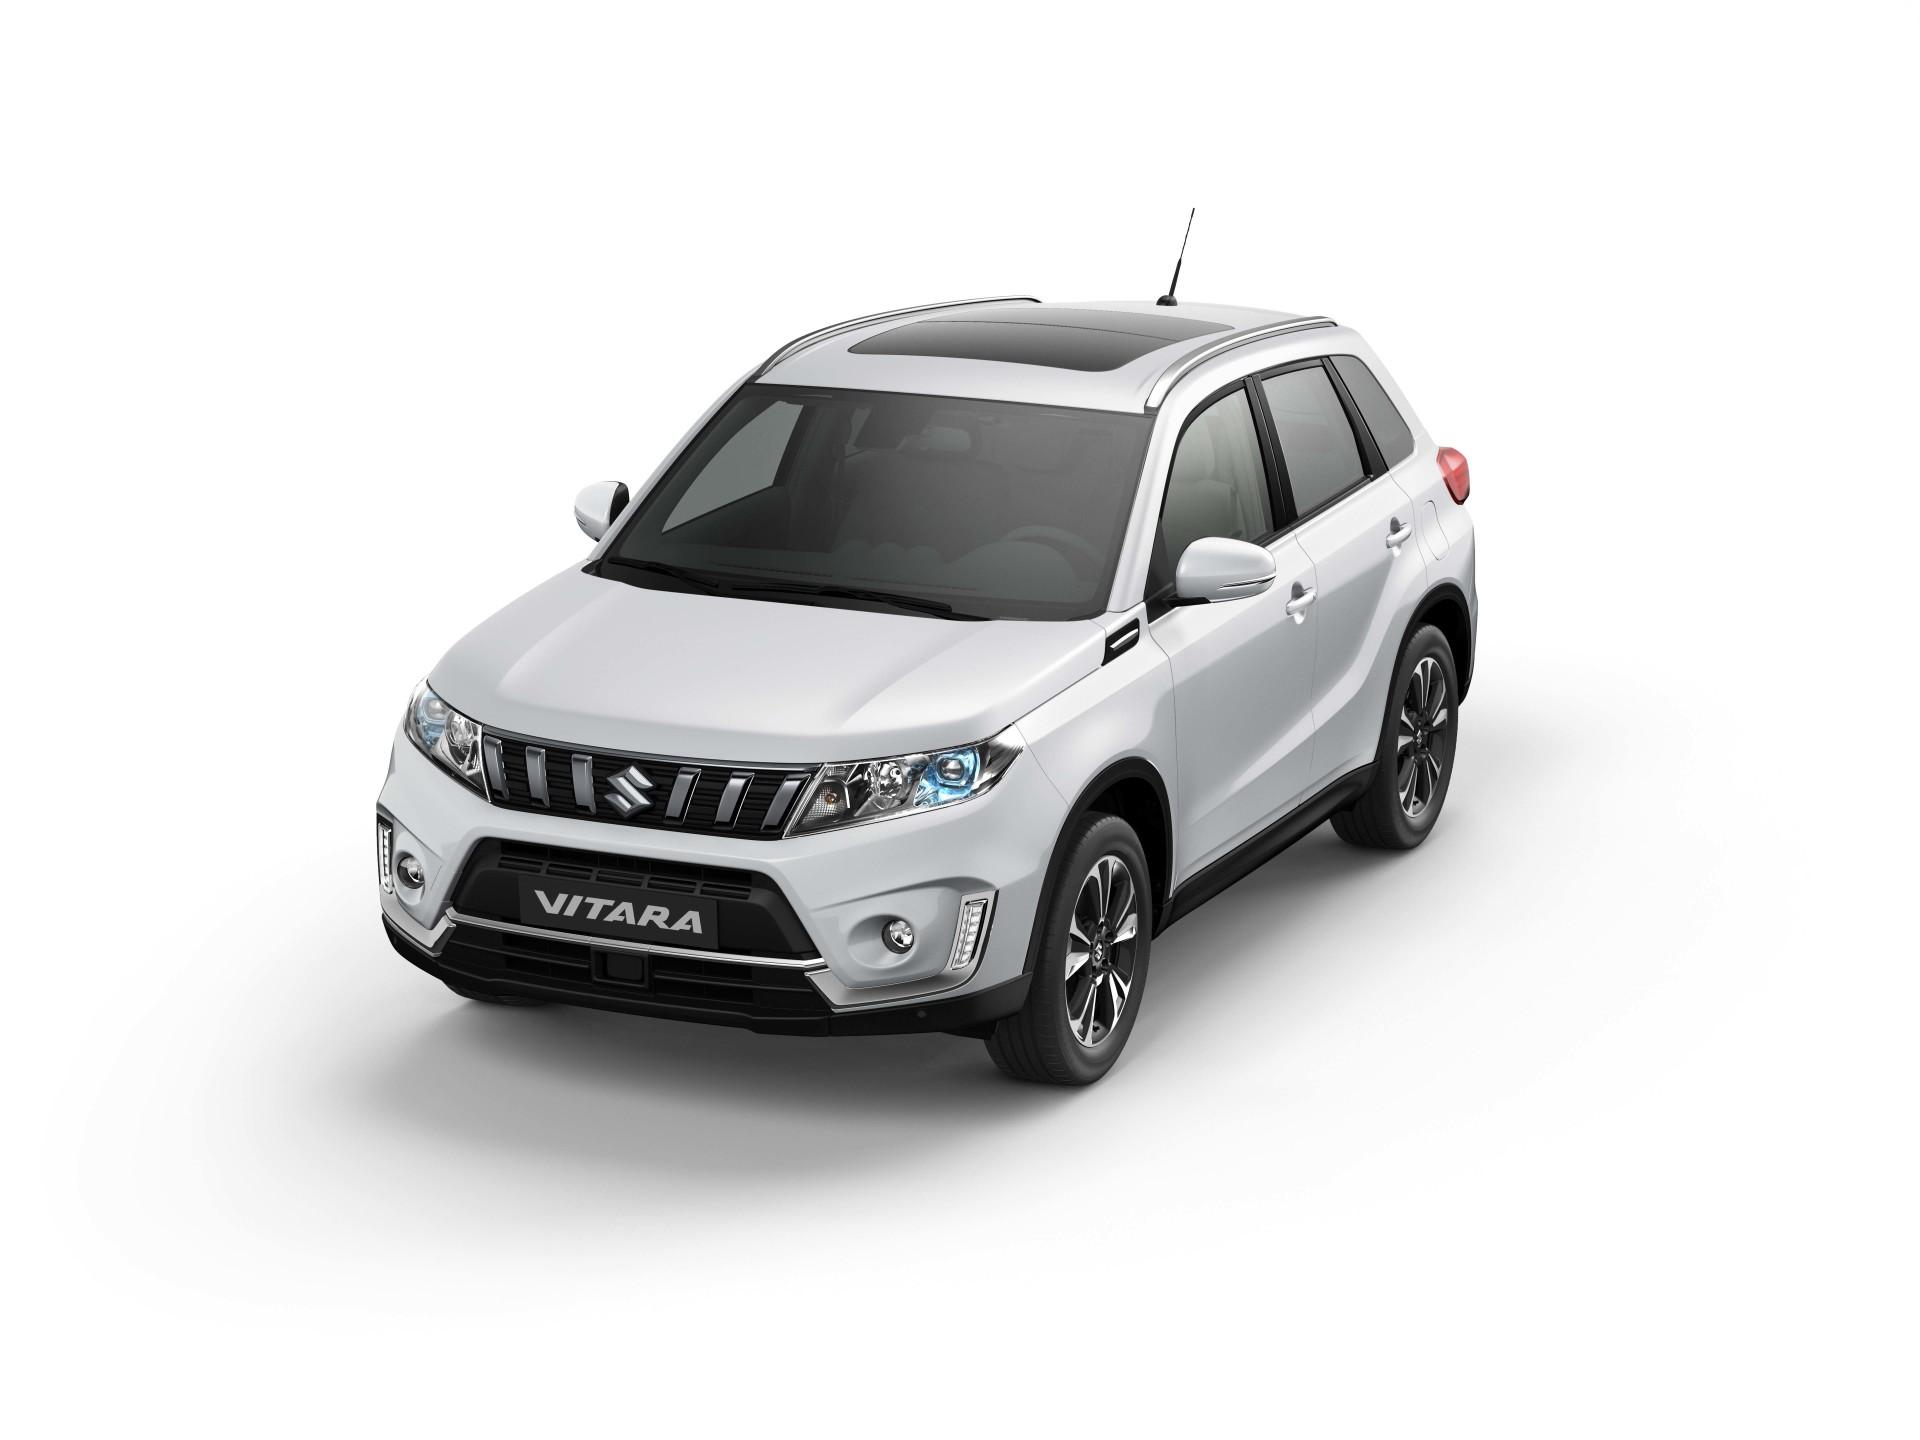 Suzuki Vitara 2018 509